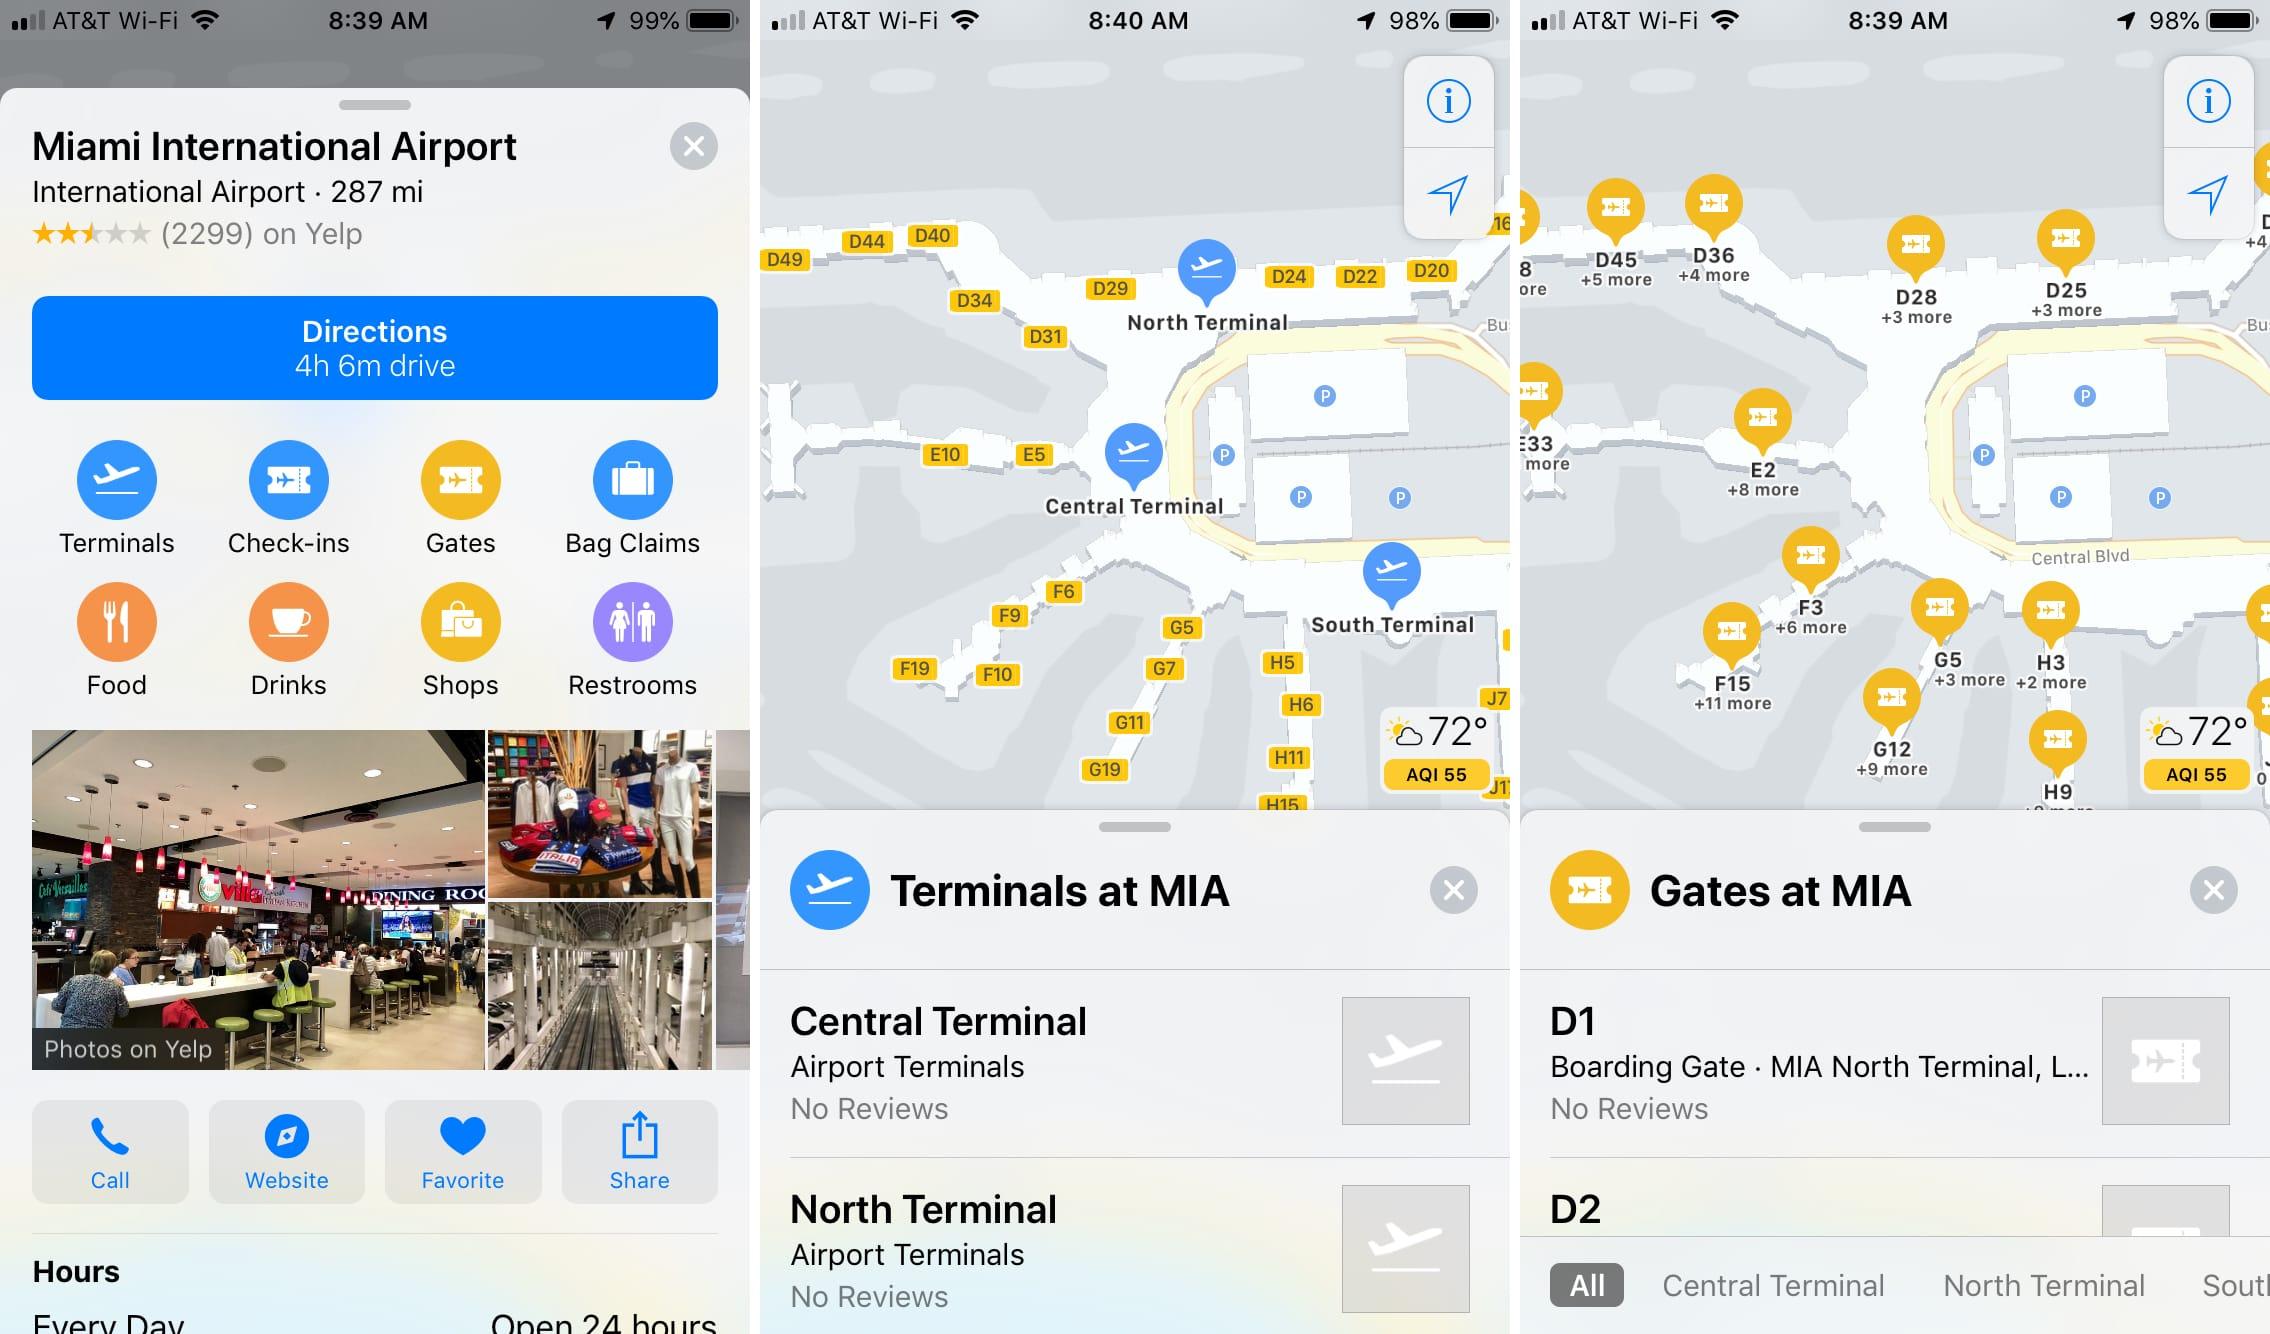 11 7 - بالصور.. تعرف على كيفية استخدام الخرائط الداخلية للمطارات ومراكز التسوق في خرائط آبل